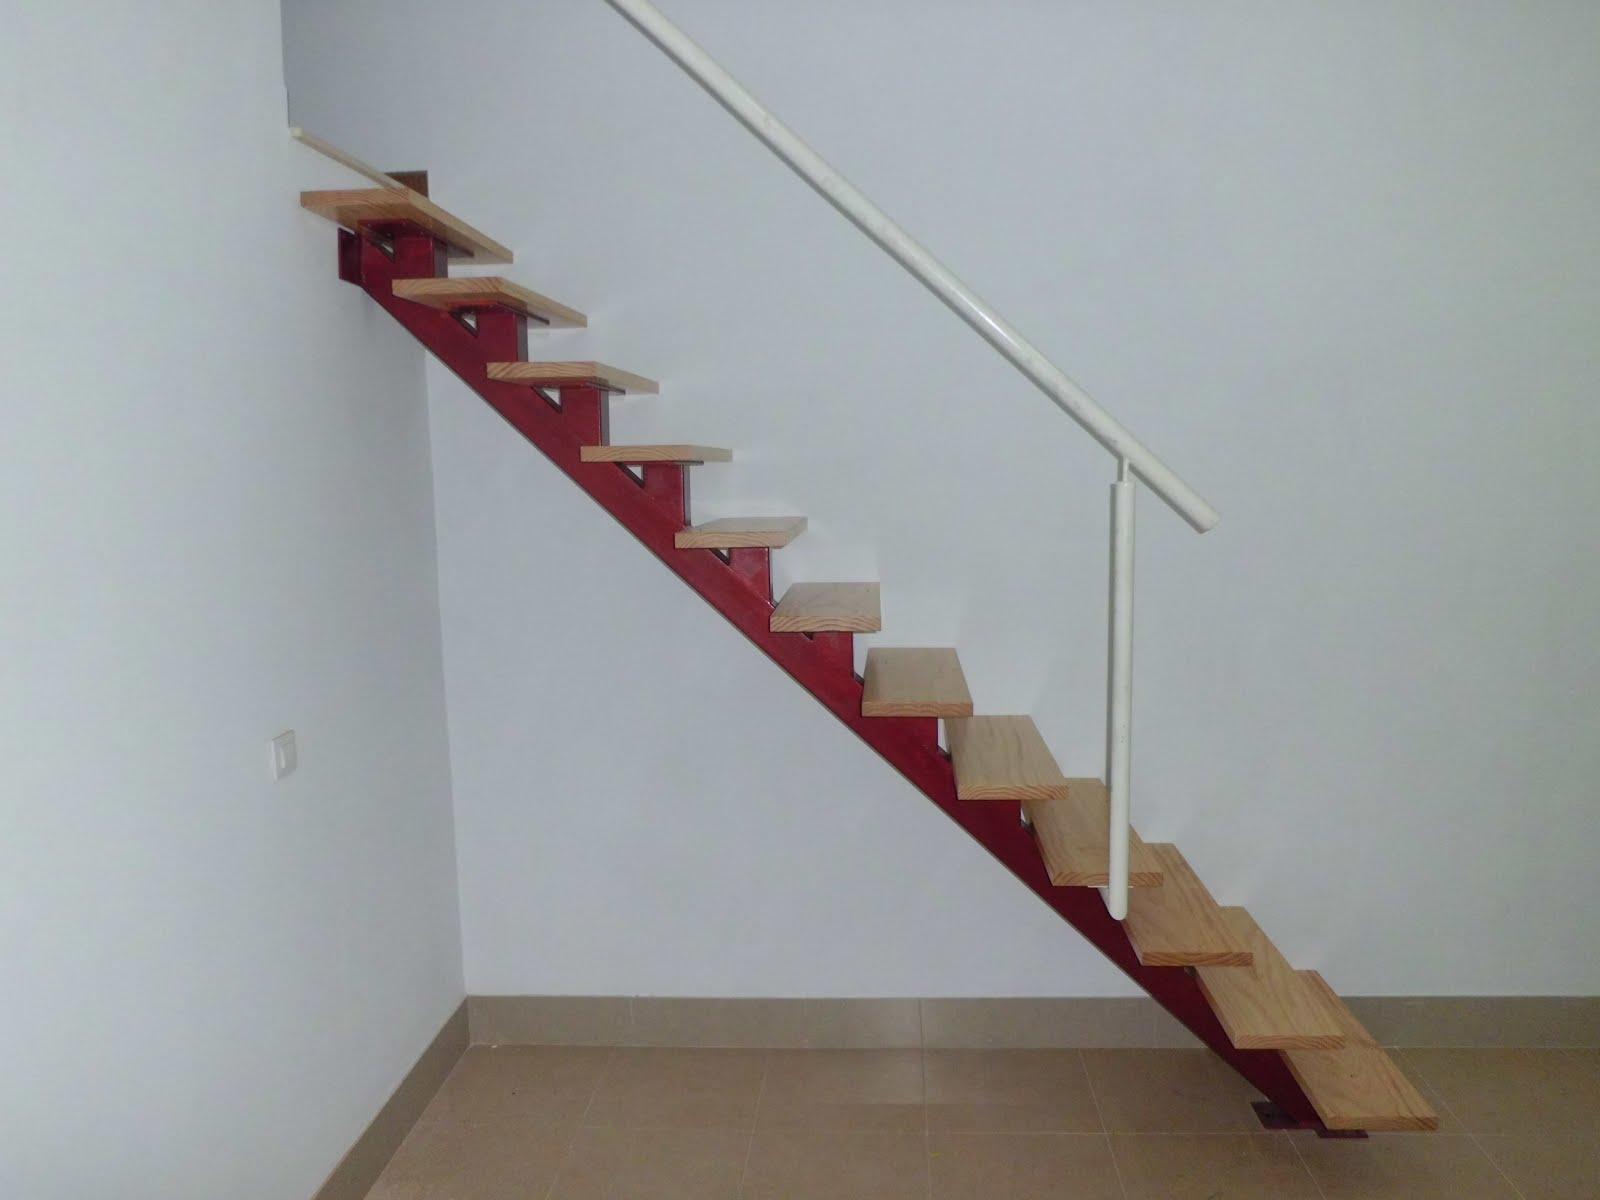 Escalera Espacio Reducido Top Escaleras Para Espacios Reducidos